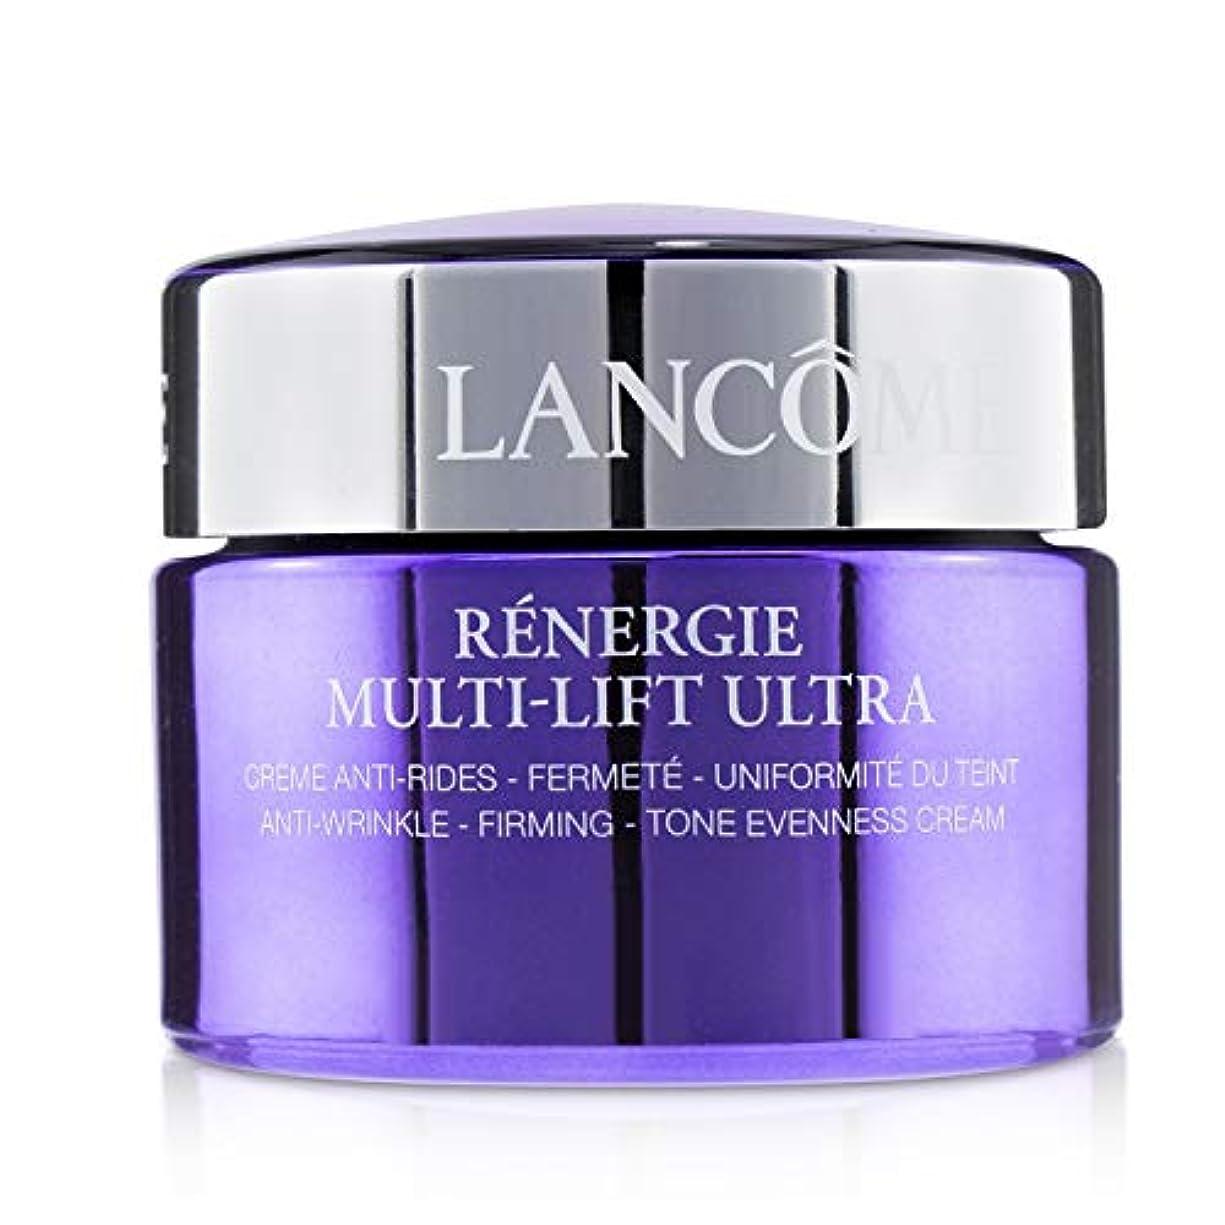 気球耐えるシャーロットブロンテランコム Renergie Multi-Lift Ultra Anti-Wrinkle, Firming & Tone Evenness Cream 50ml/1.7oz並行輸入品